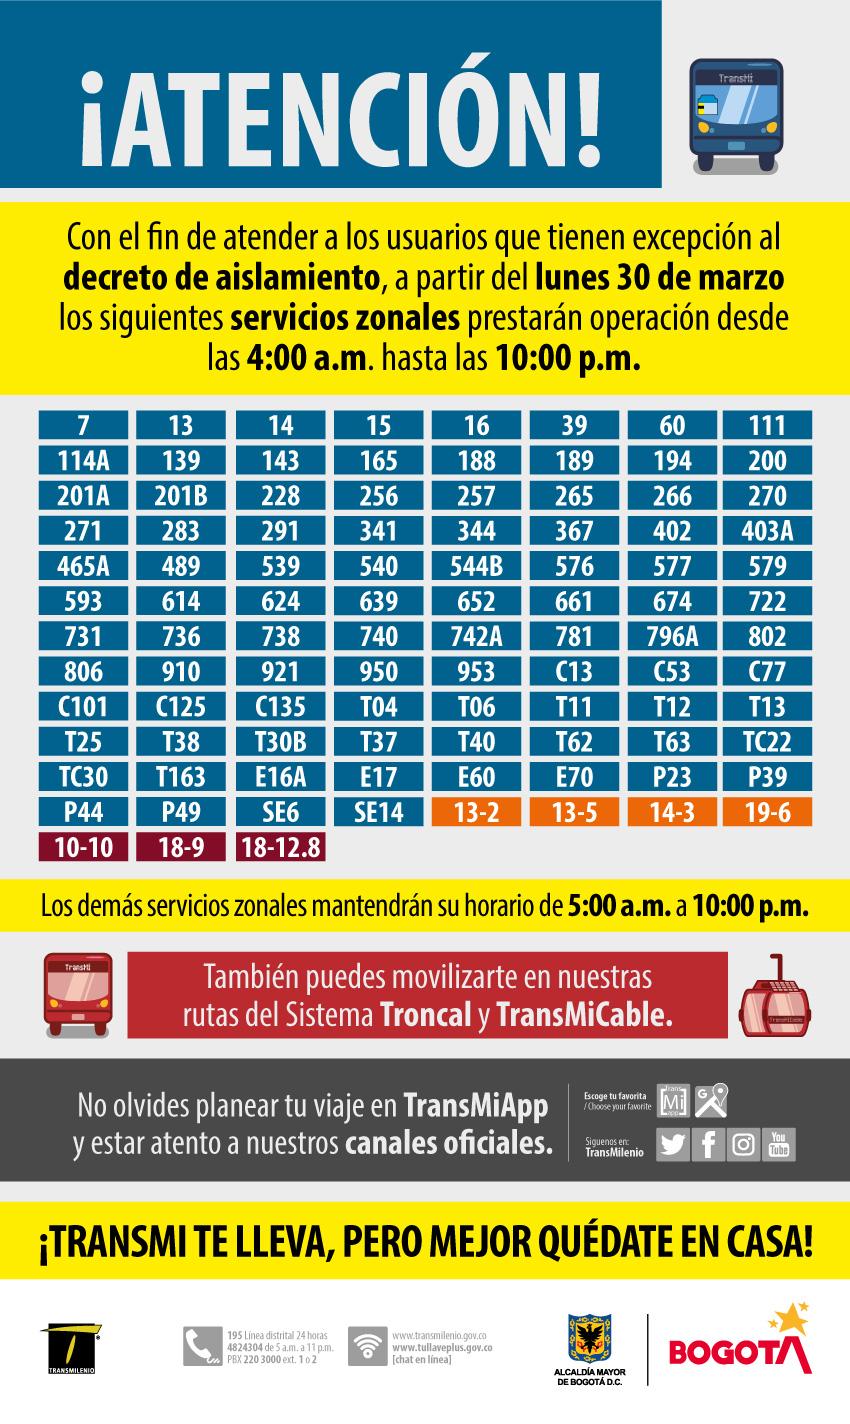 Rutas urbanas que cambian  su horario debido a la contingencia  de la cuarentena